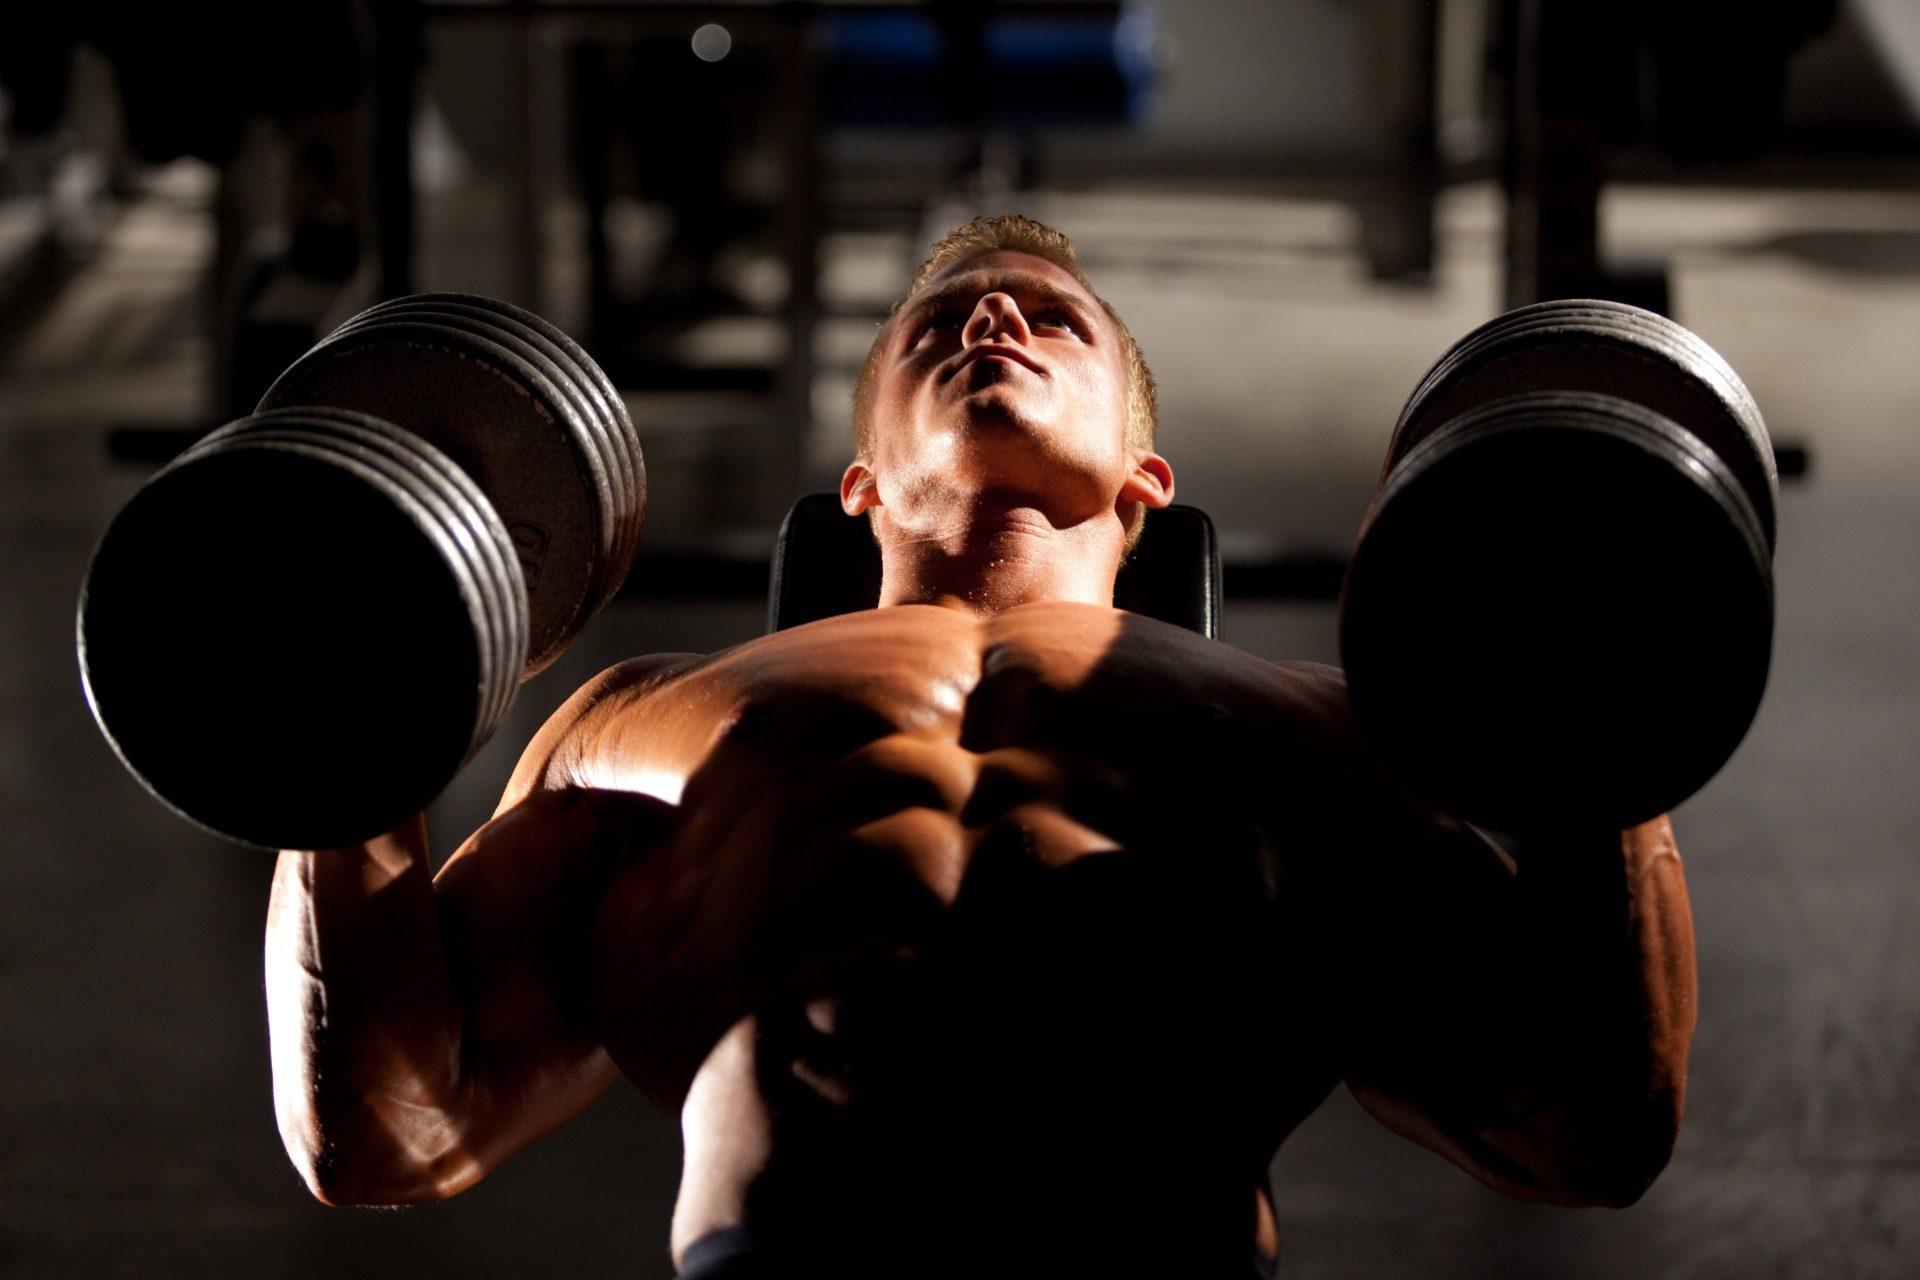 Искате да увеличите силата в горната част на тялото? Тренирайте долната част на тялото с по-малки тежести